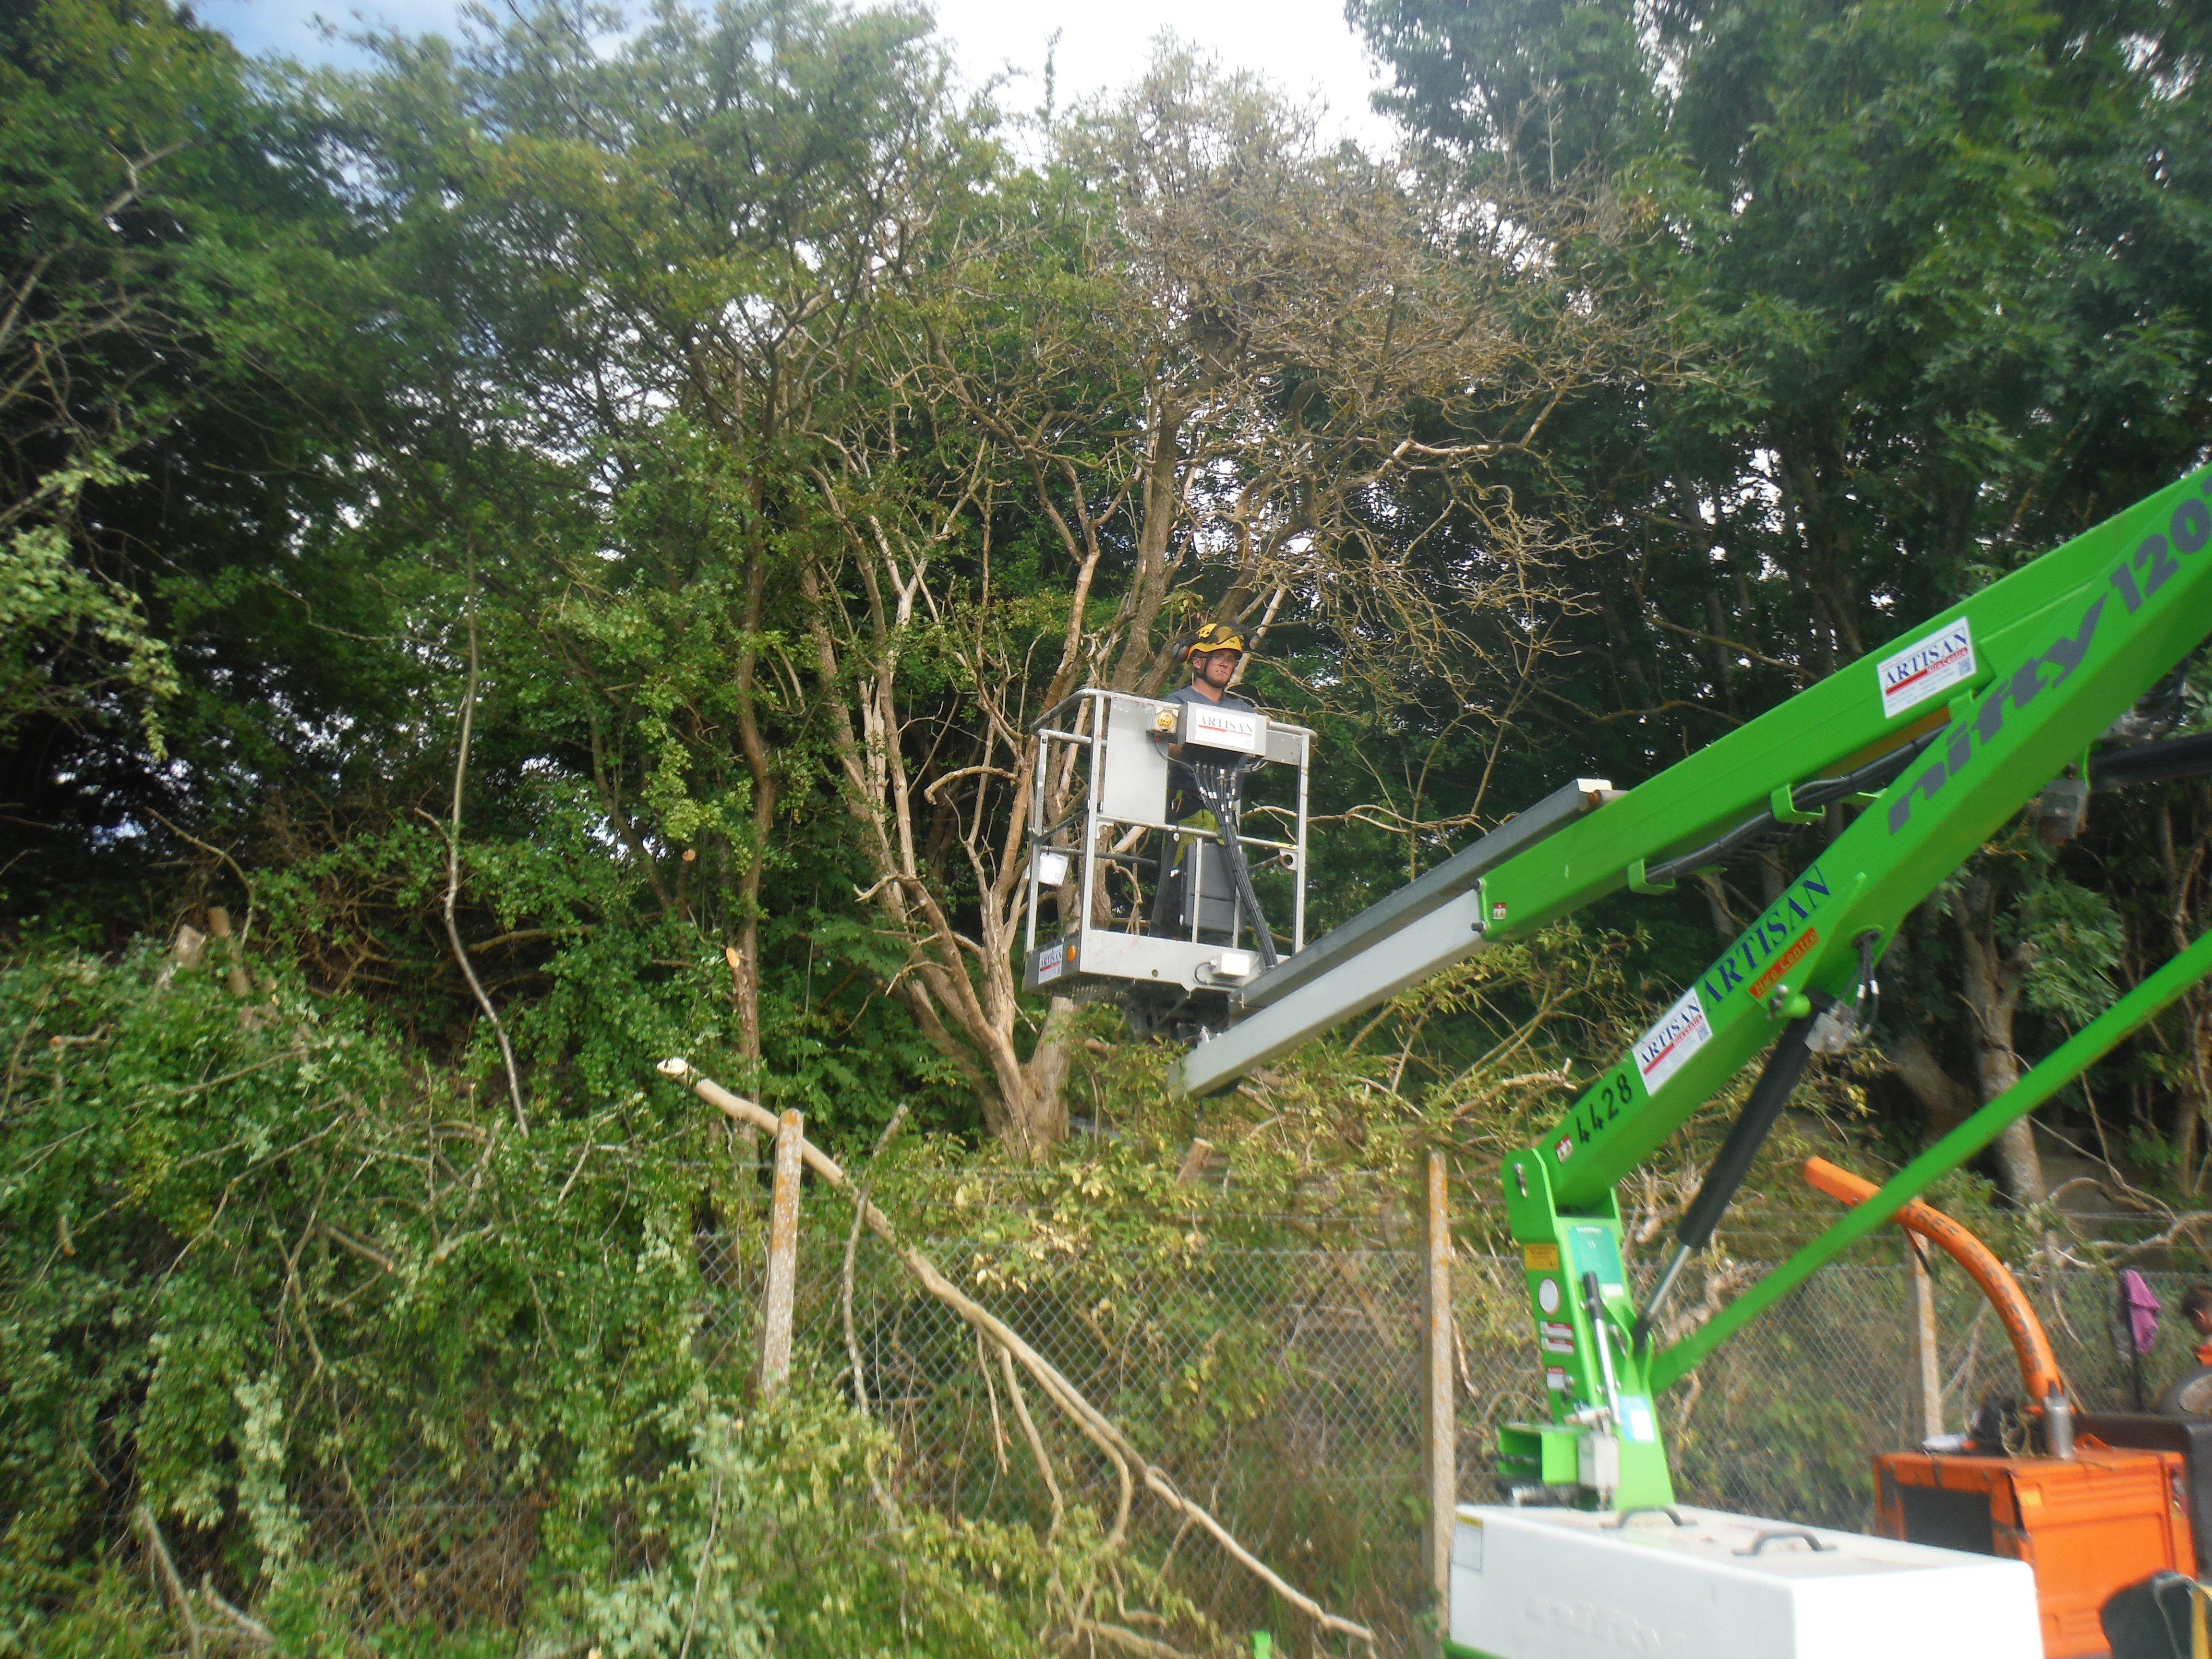 Tree repairs